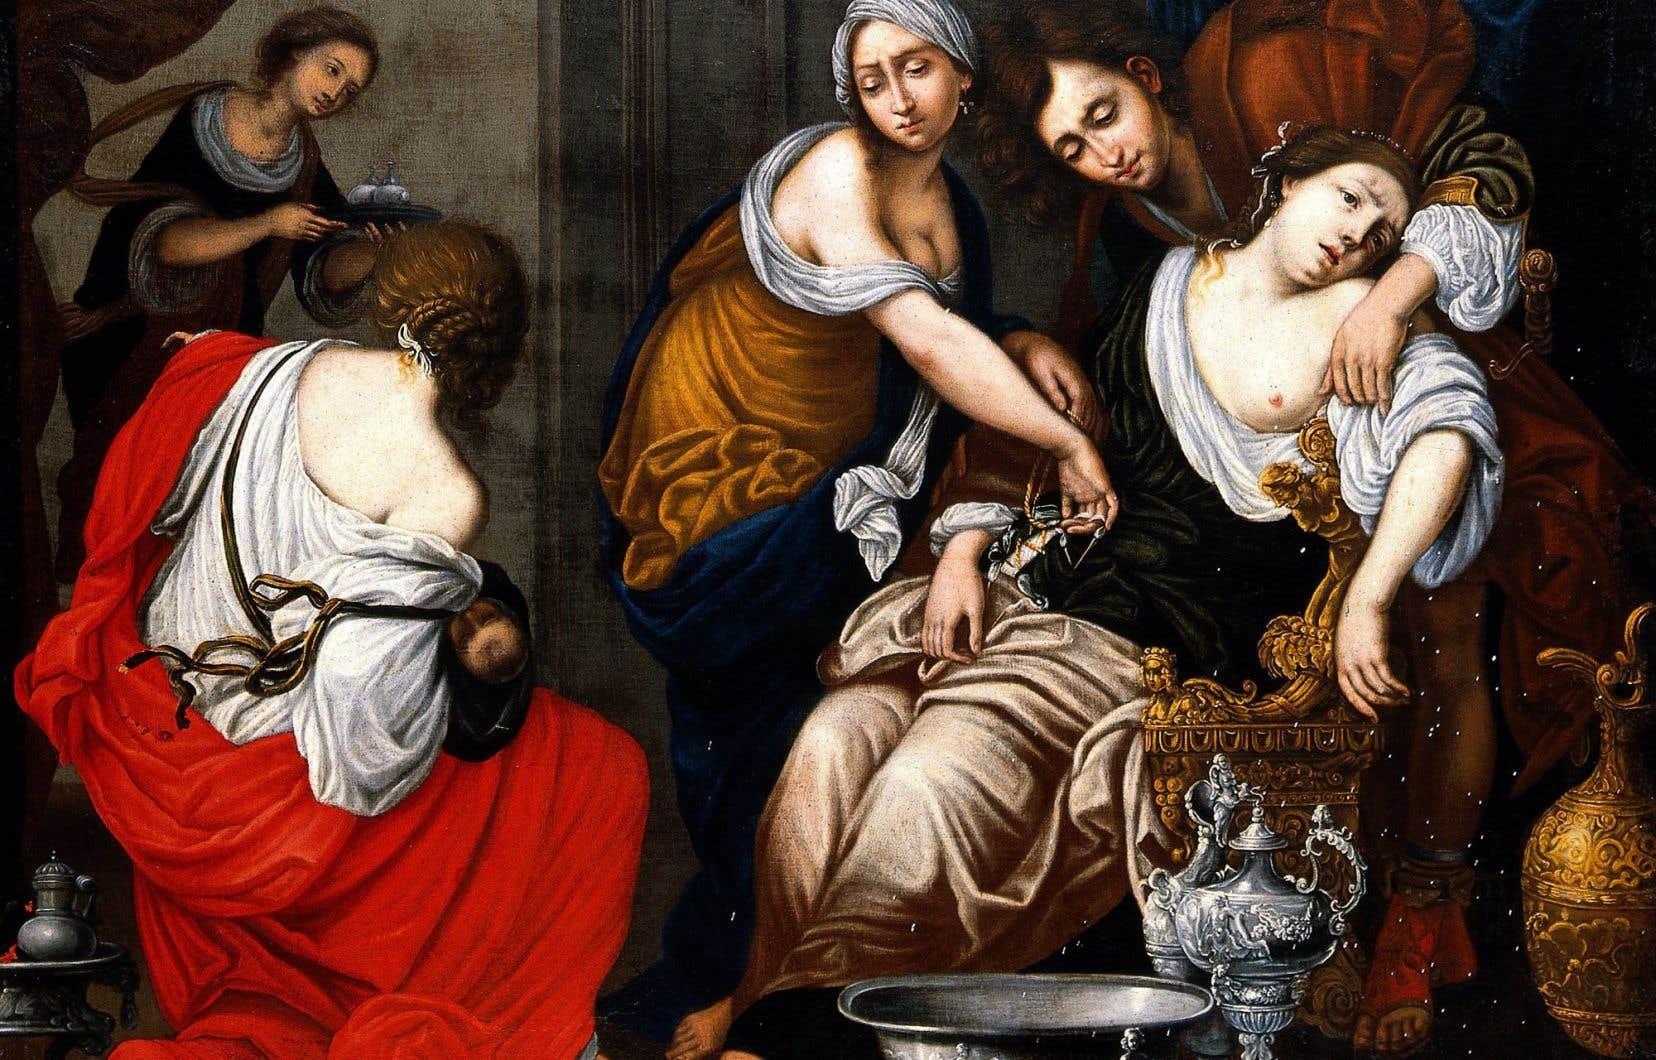 La perception du mal a bien évolué dans le temps, et c'est tant mieux. Alors que la douleur était autrefois perçue comme un mal nécessaire, la résilience à la douleur a été longtemps vue comme une preuve de courage, de maîtrise de soi, même par les médecins, rappelle l'historienne Joanna Bourke. Ci-dessus: l'œuvre <em>La naissance de Benjamin et la mort de Rachel</em> (XVIIesiècle) de Francesco Furini.